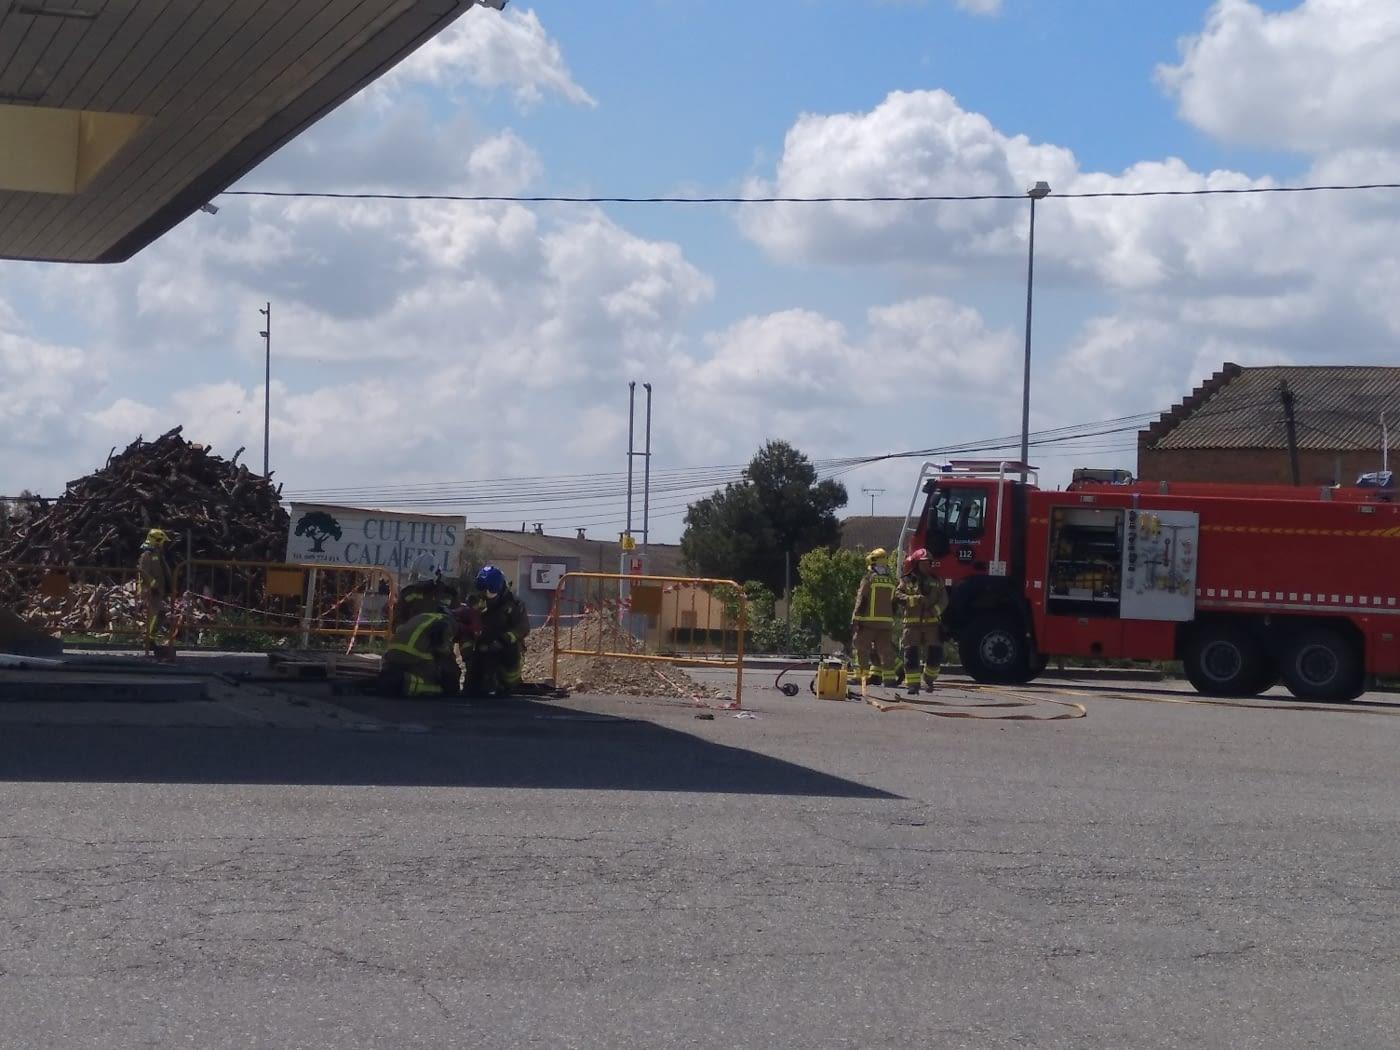 Ferit crític un treballador en una deflagració quan feia tasques de manteniment en una benzinera tancada a Fonolleres